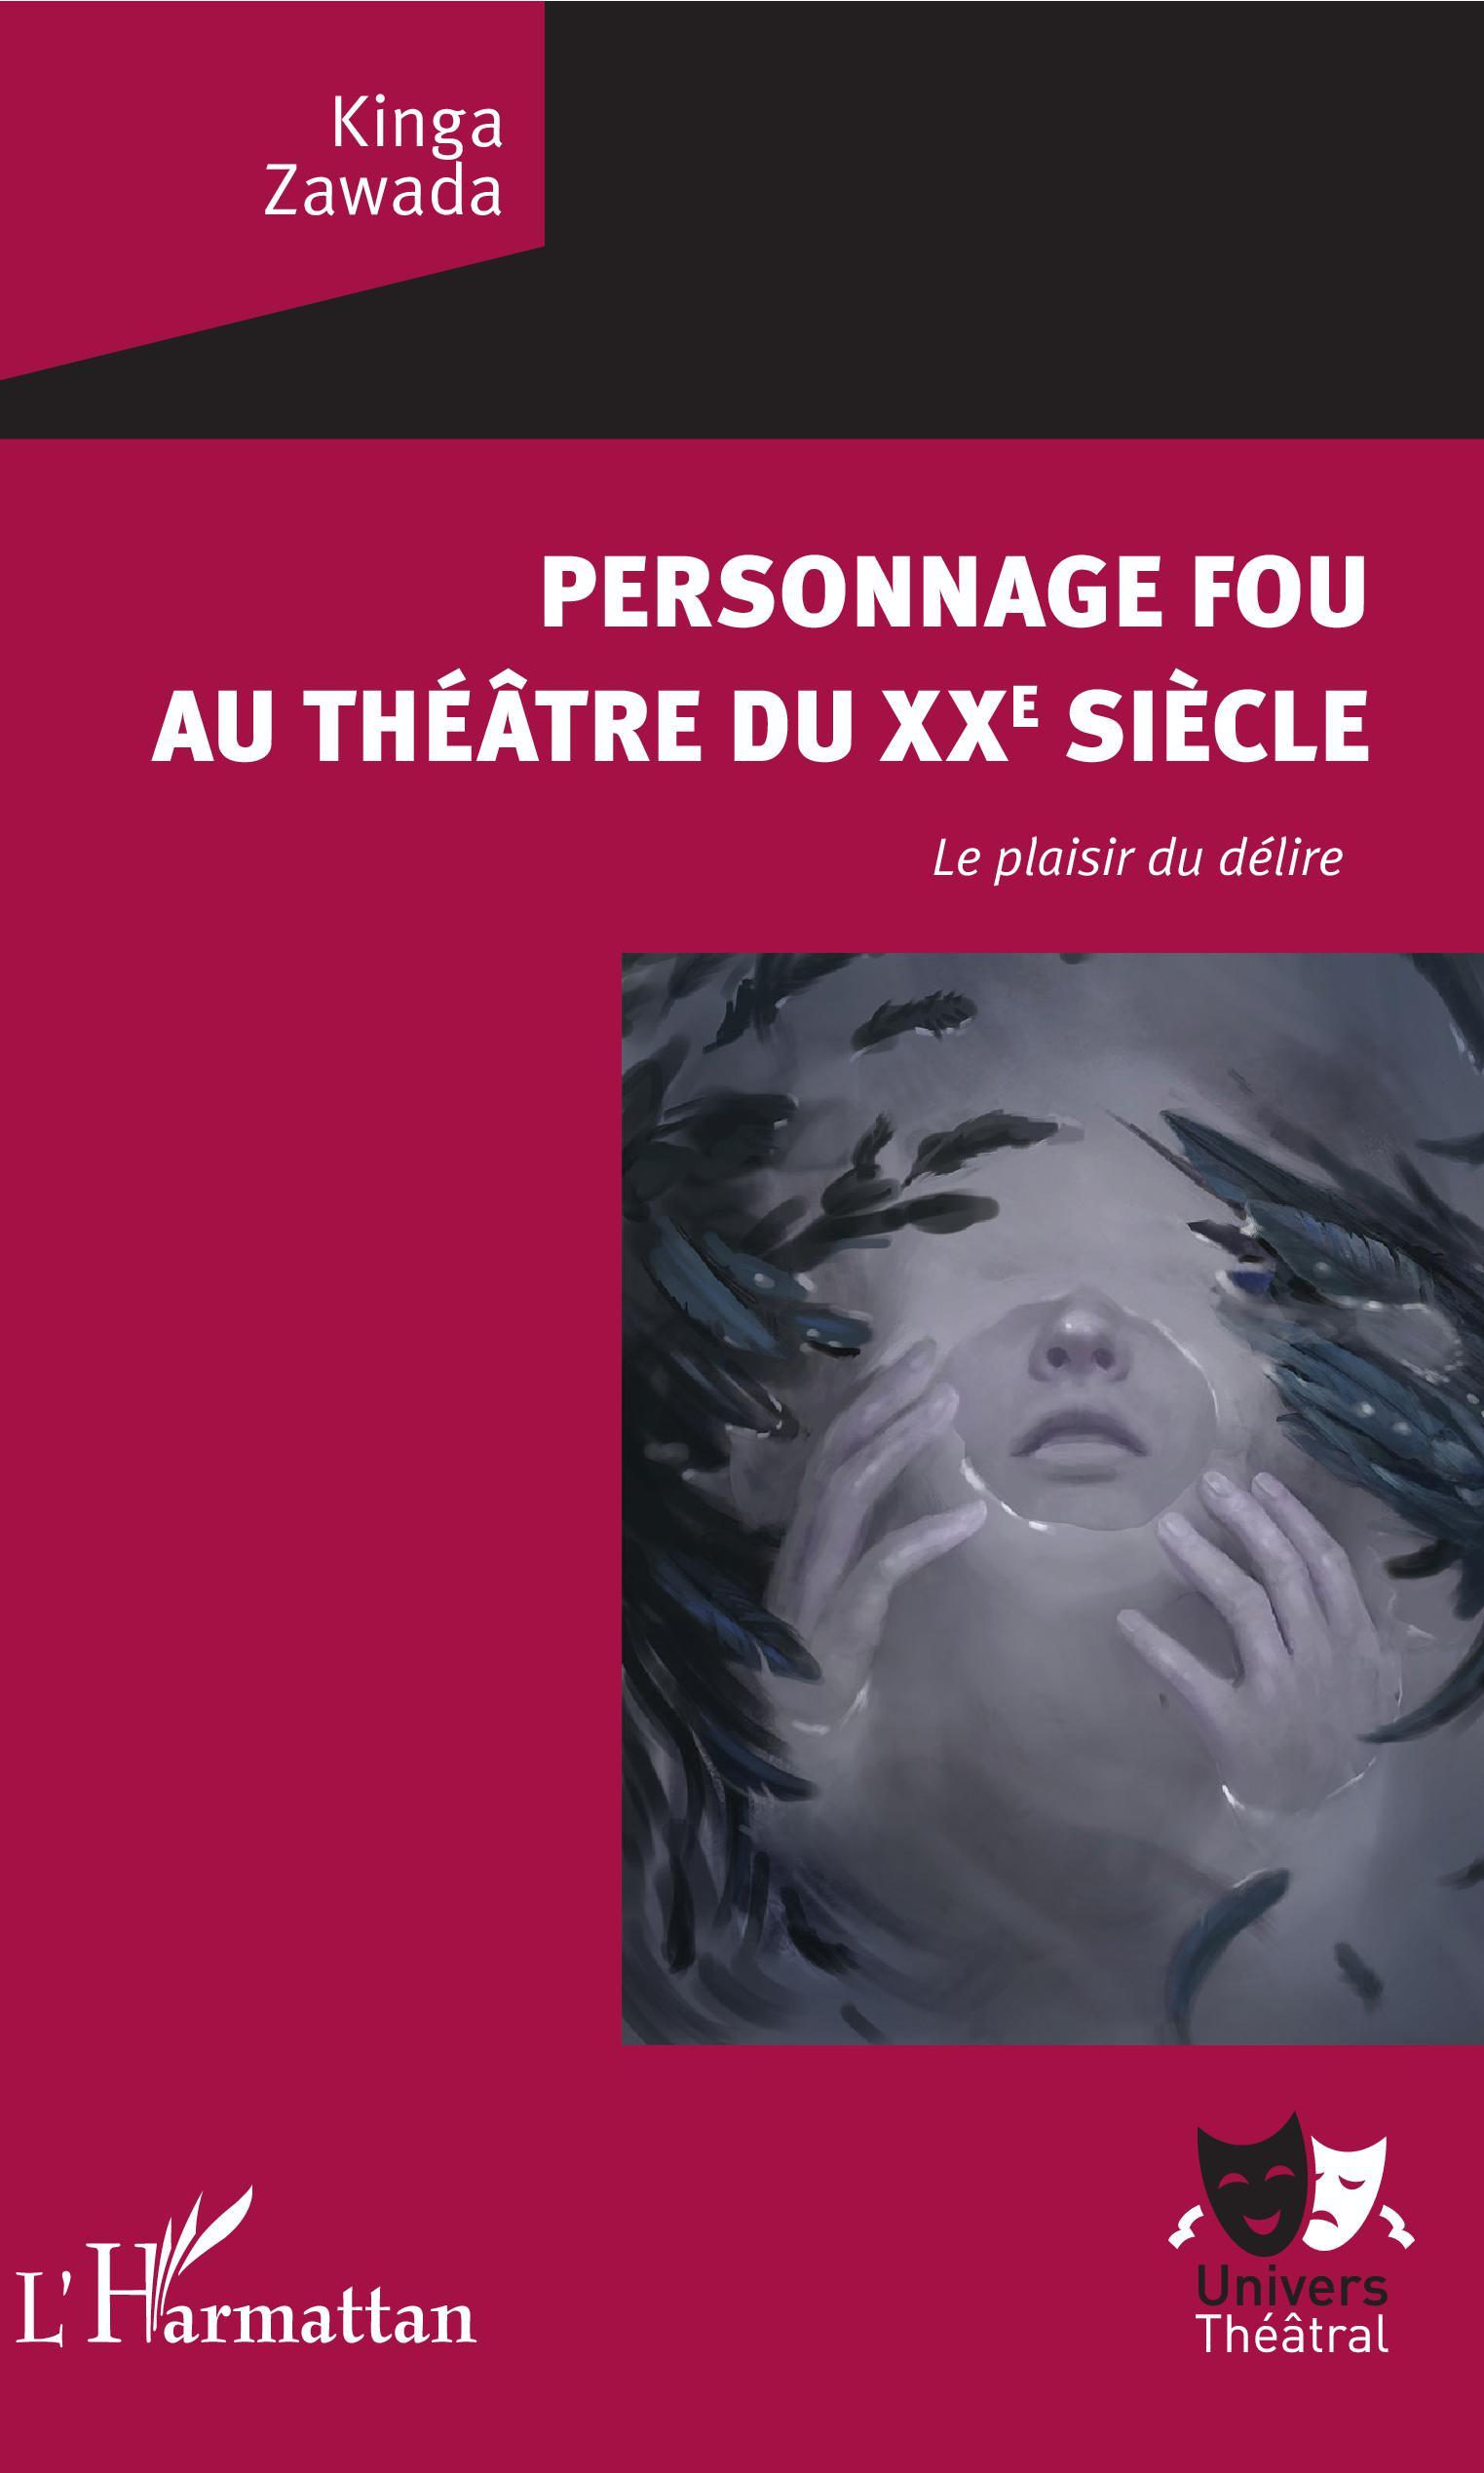 K. Zawada, Personnage fou au théâtre du XXe siècle : le plaisir du délire